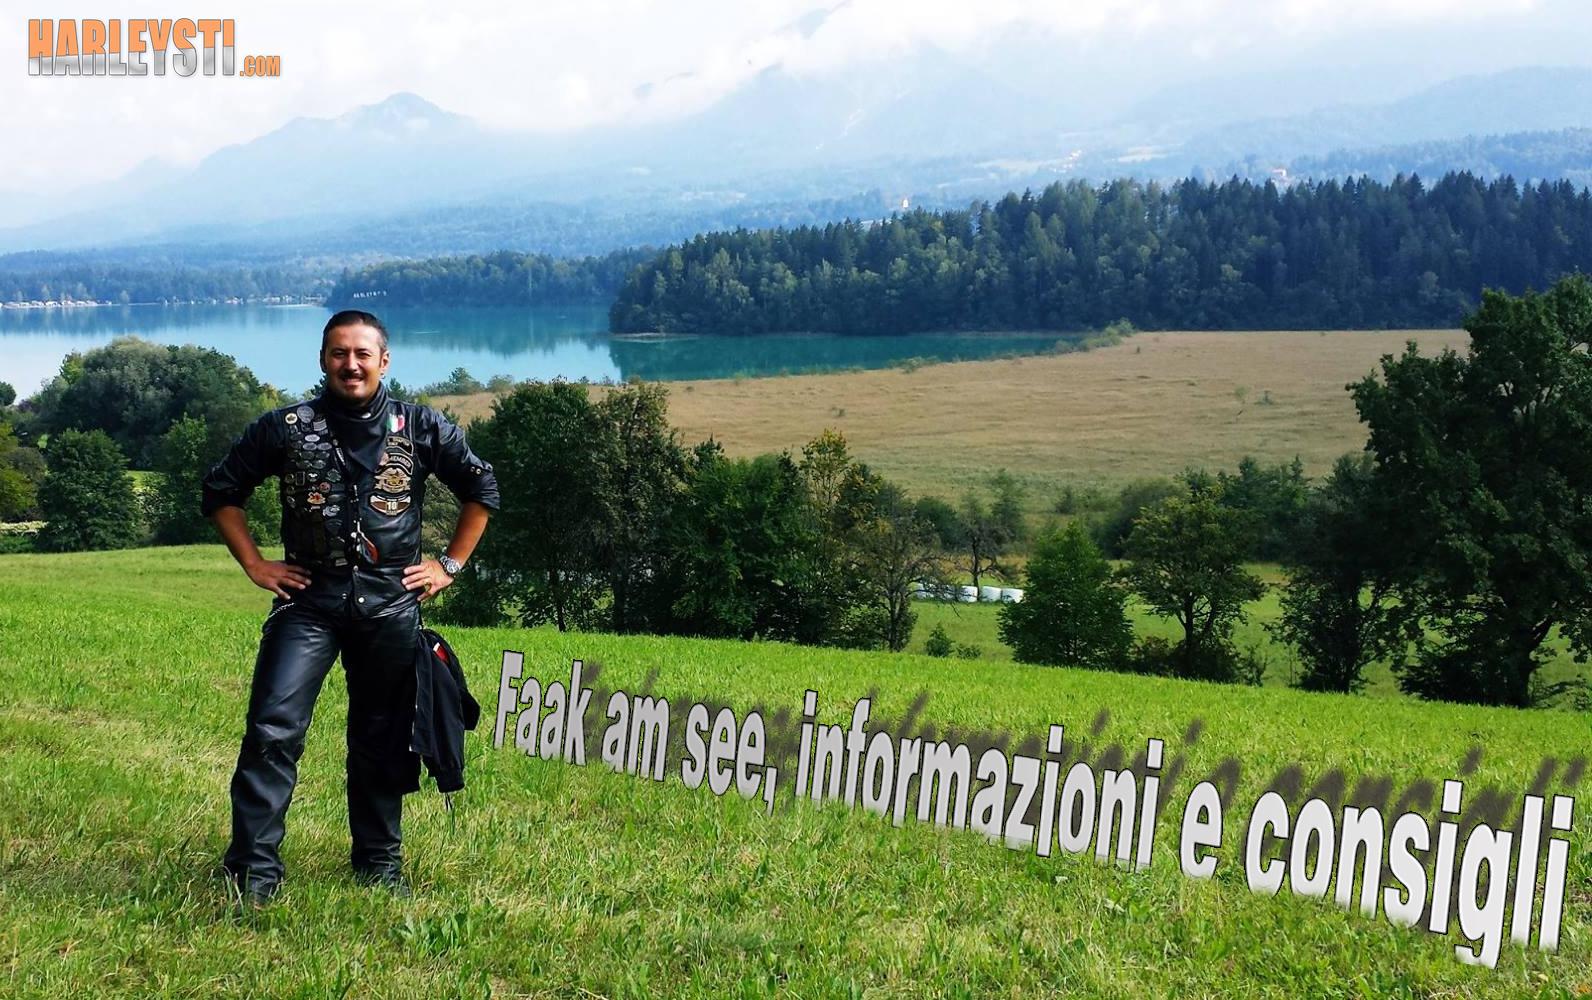 Faak am see, informazioni e consigli per chi parteciperà all' European Bike Week (by Yuri Bifaro)